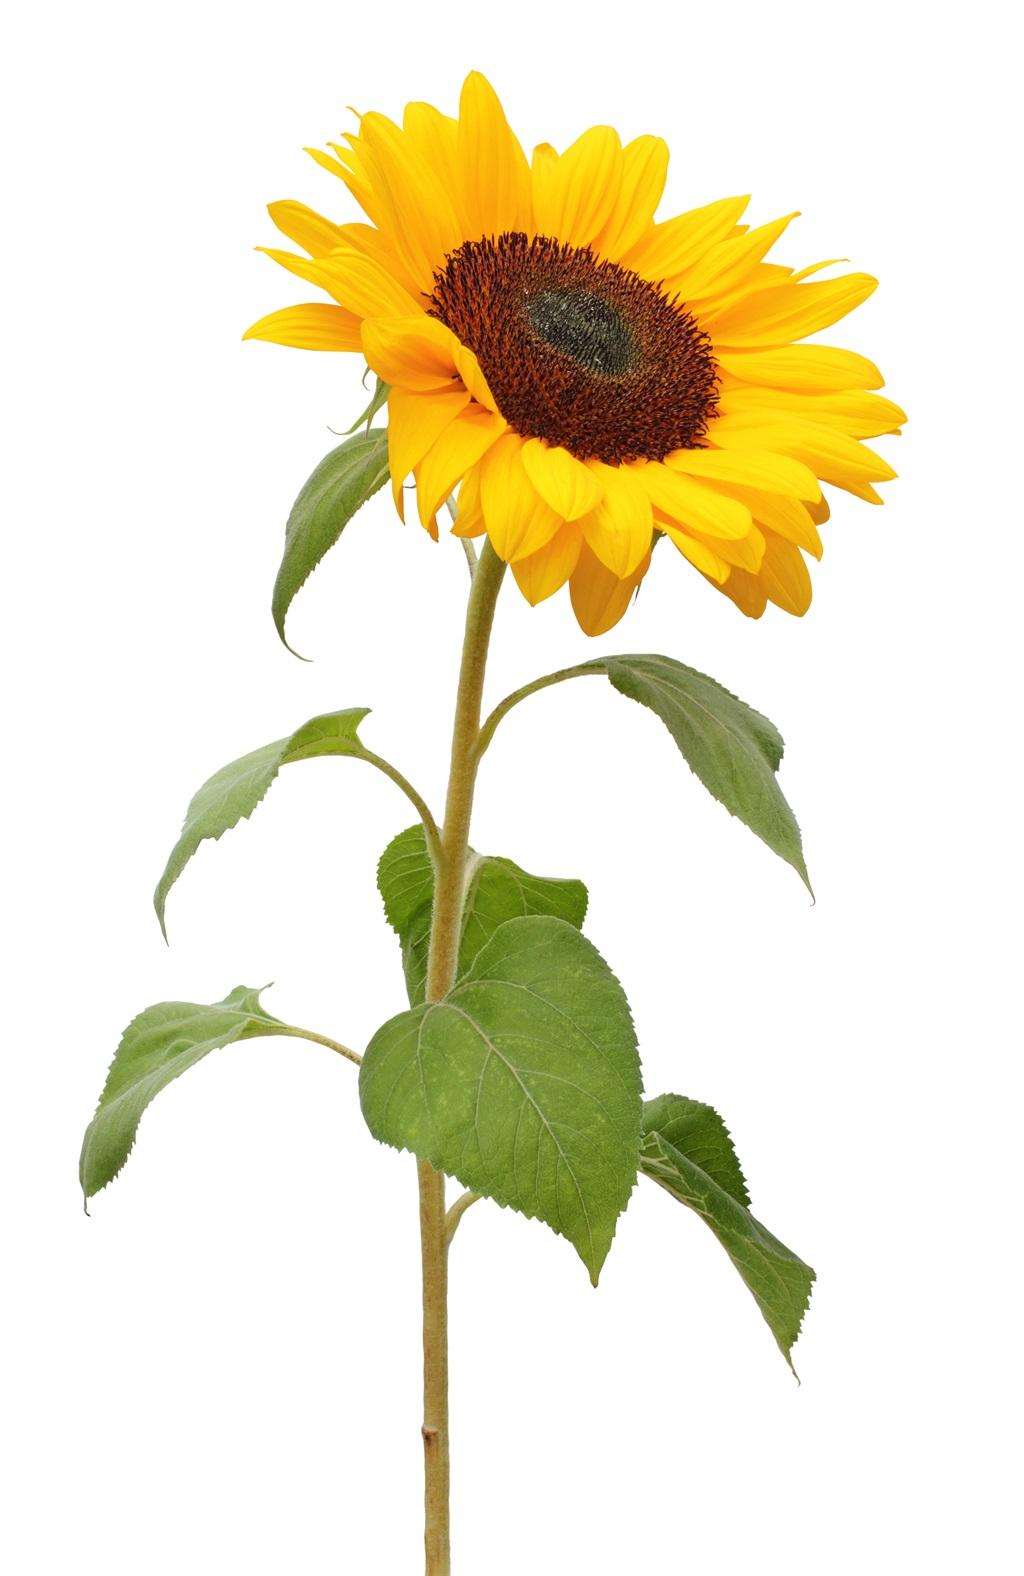 Sonneblom saad word veral vir die vervaardiging va